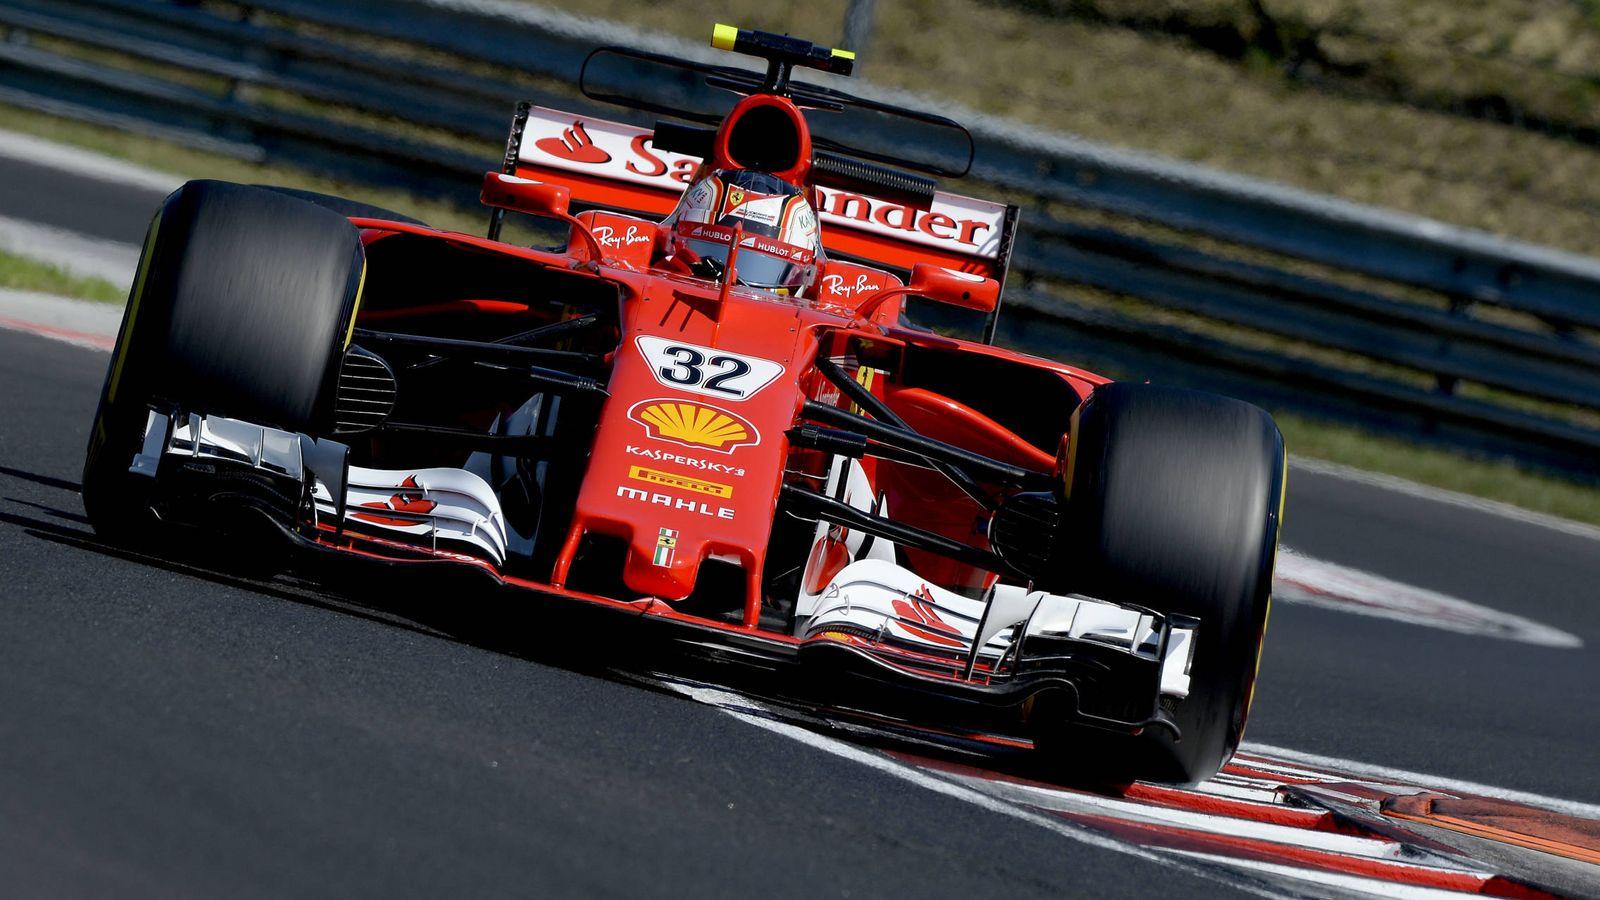 Foto: Charles Leclerc forma parte de la Ferrari Driver Academy y en 2018 debería estar en la Fórmula 1. (Ferrari)